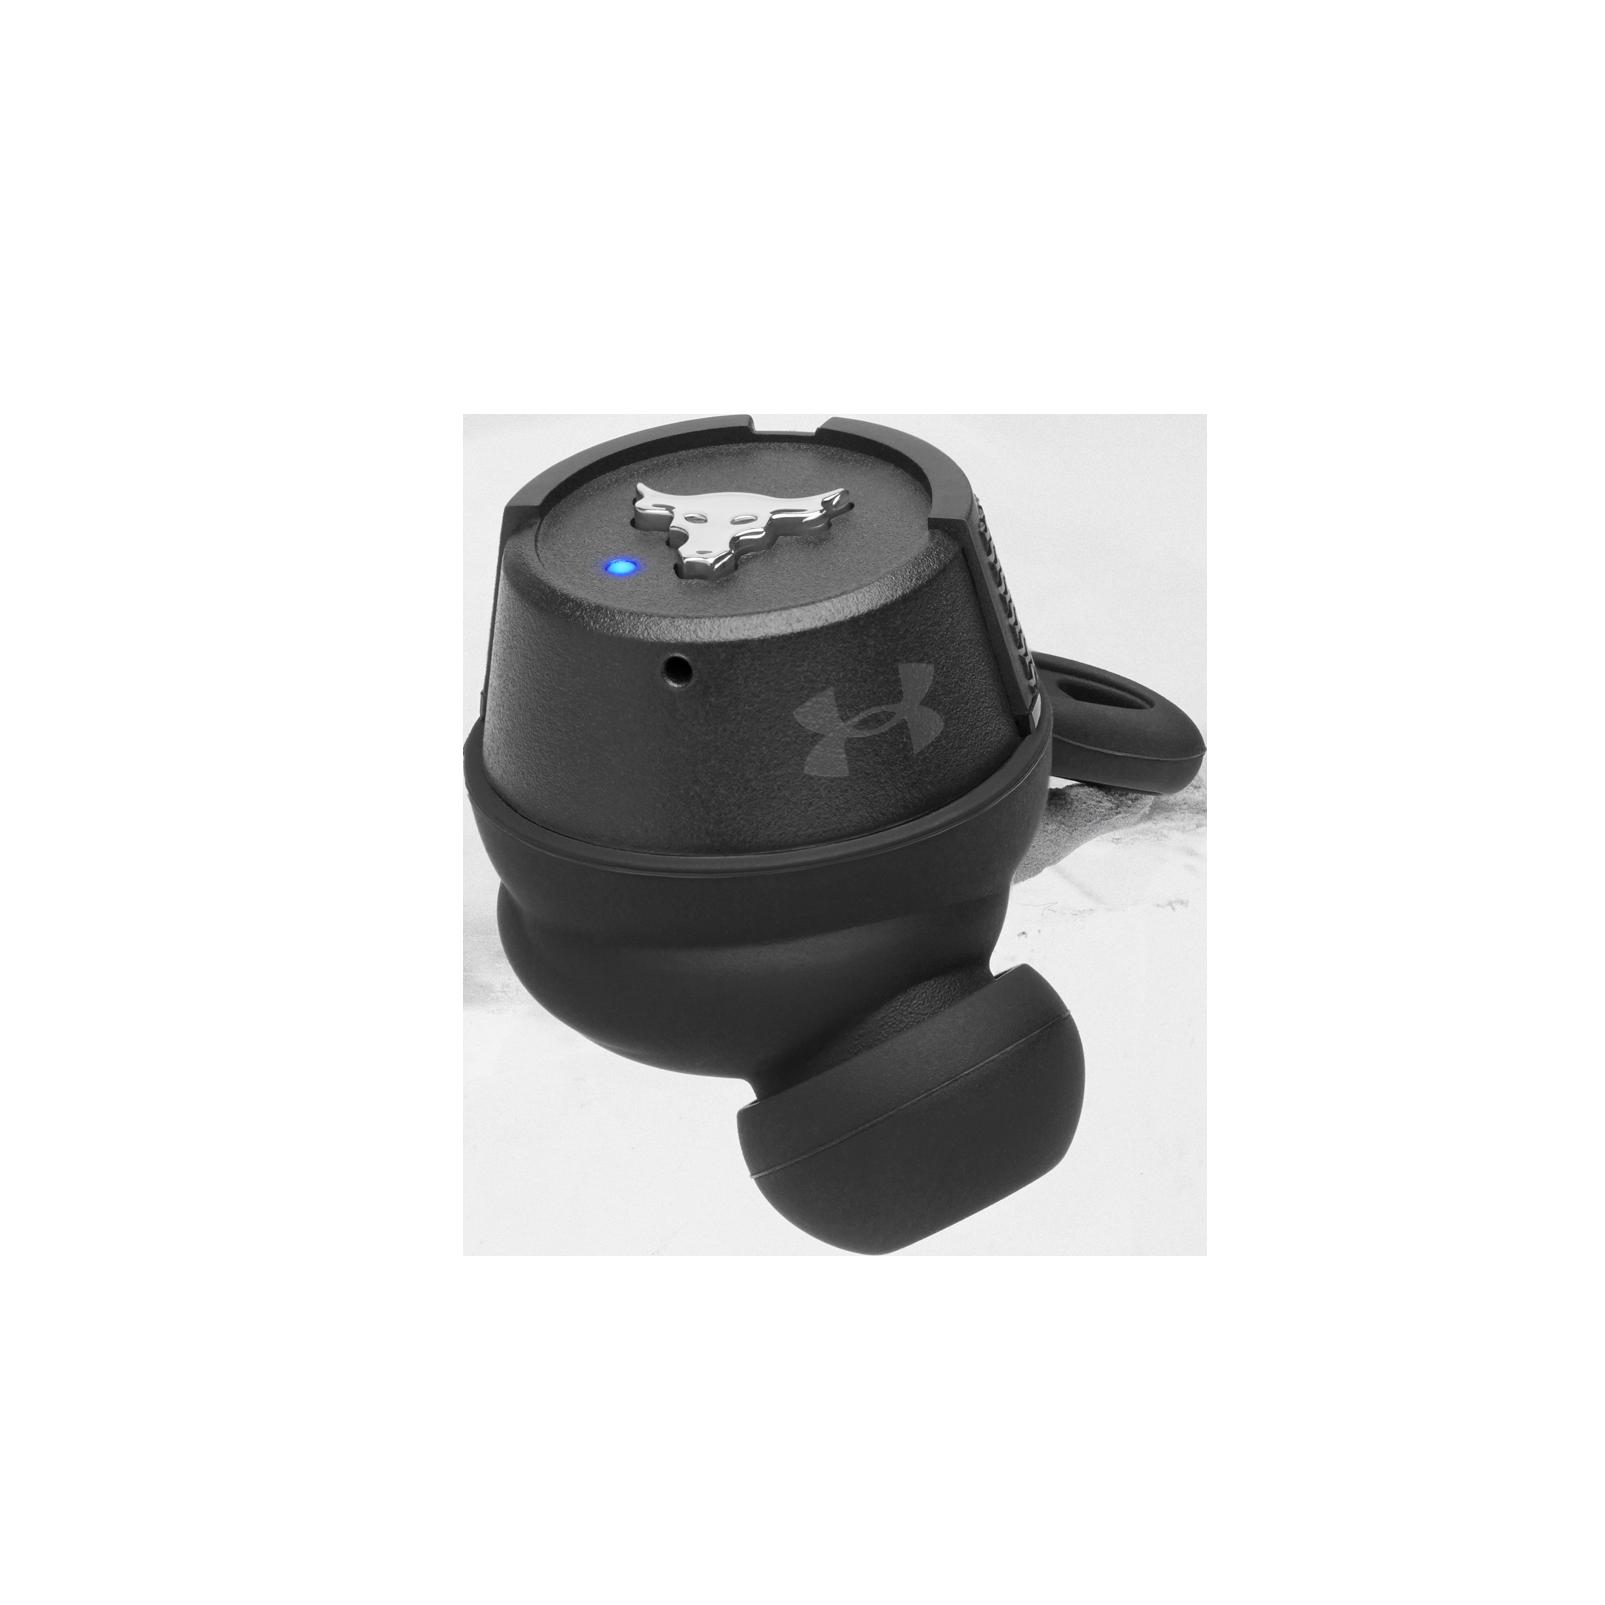 UA Project Rock True Wireless X - Engineered by JBL - Black - Waterproof true wireless sport earbuds - Detailshot 4